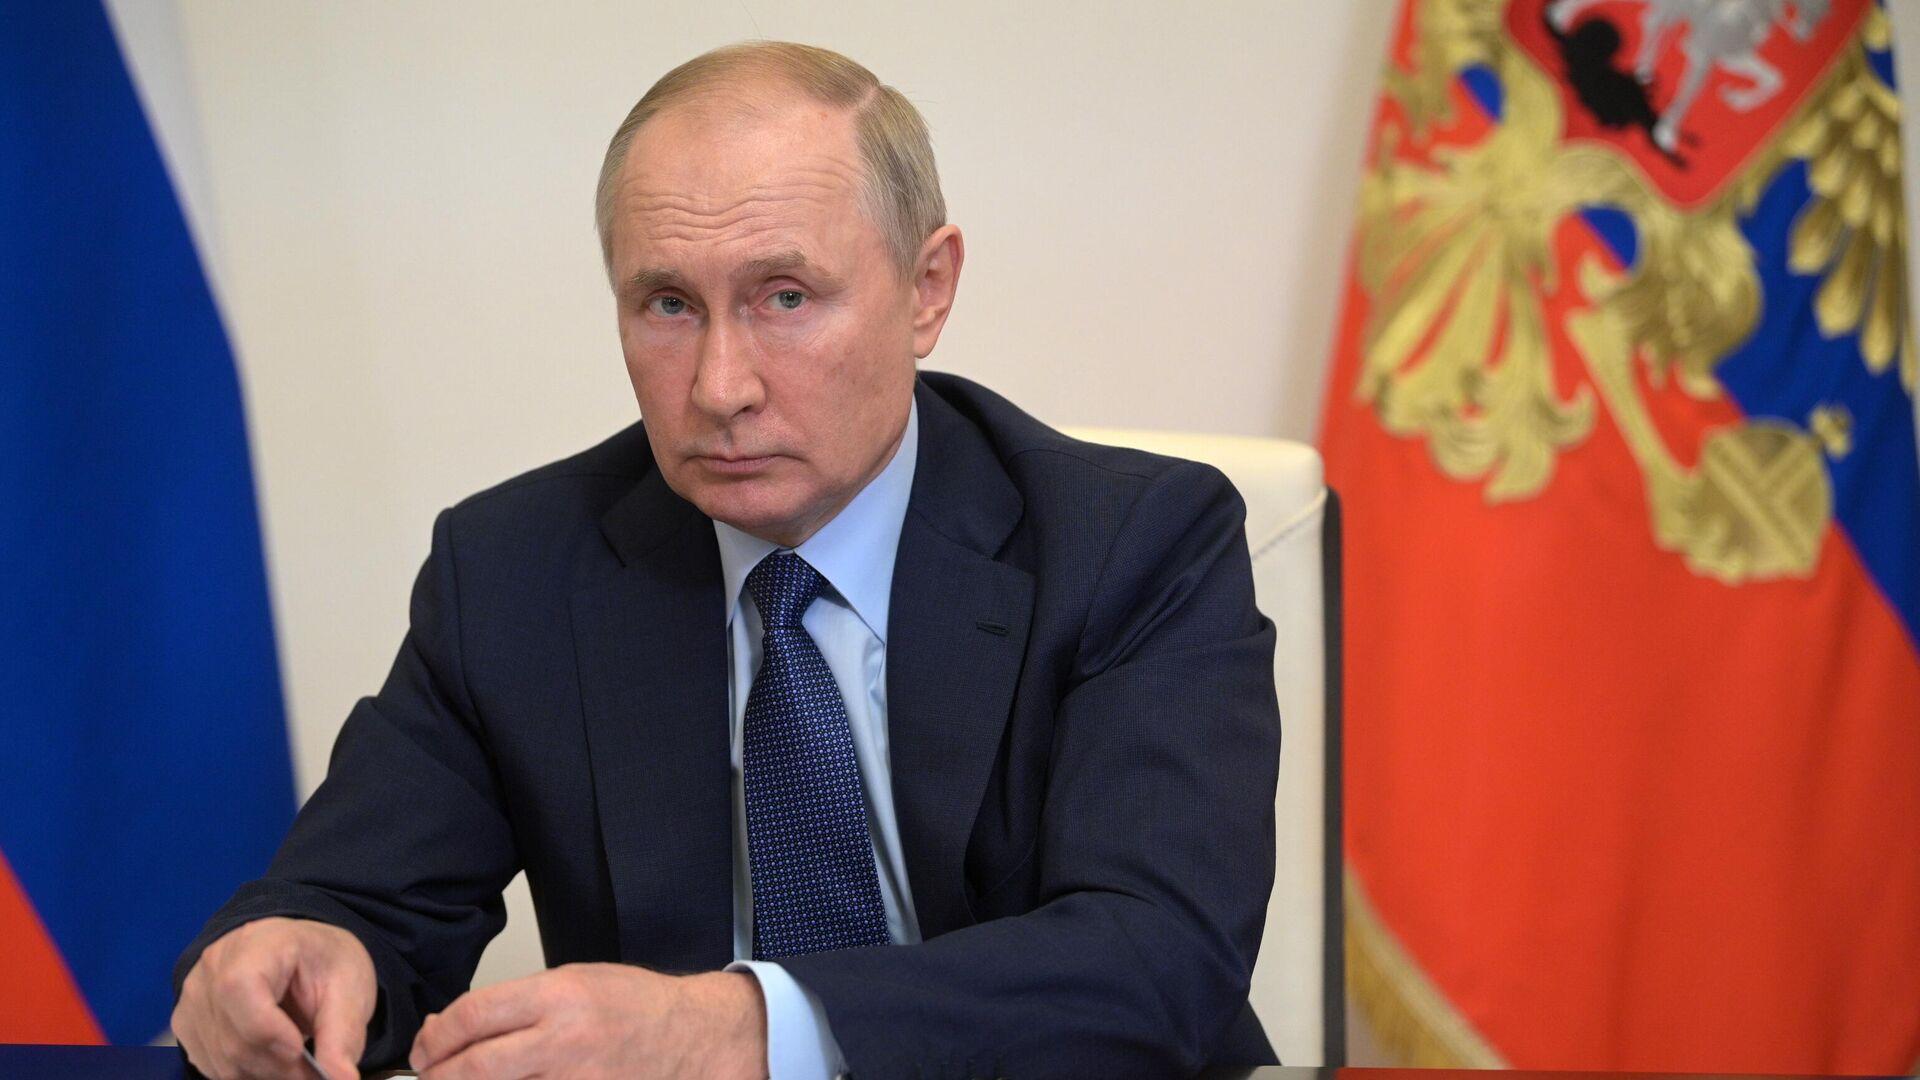 Президент РФ Владимир Путин провел совещание с членами правительства РФ - РИА Новости, 1920, 06.10.2021